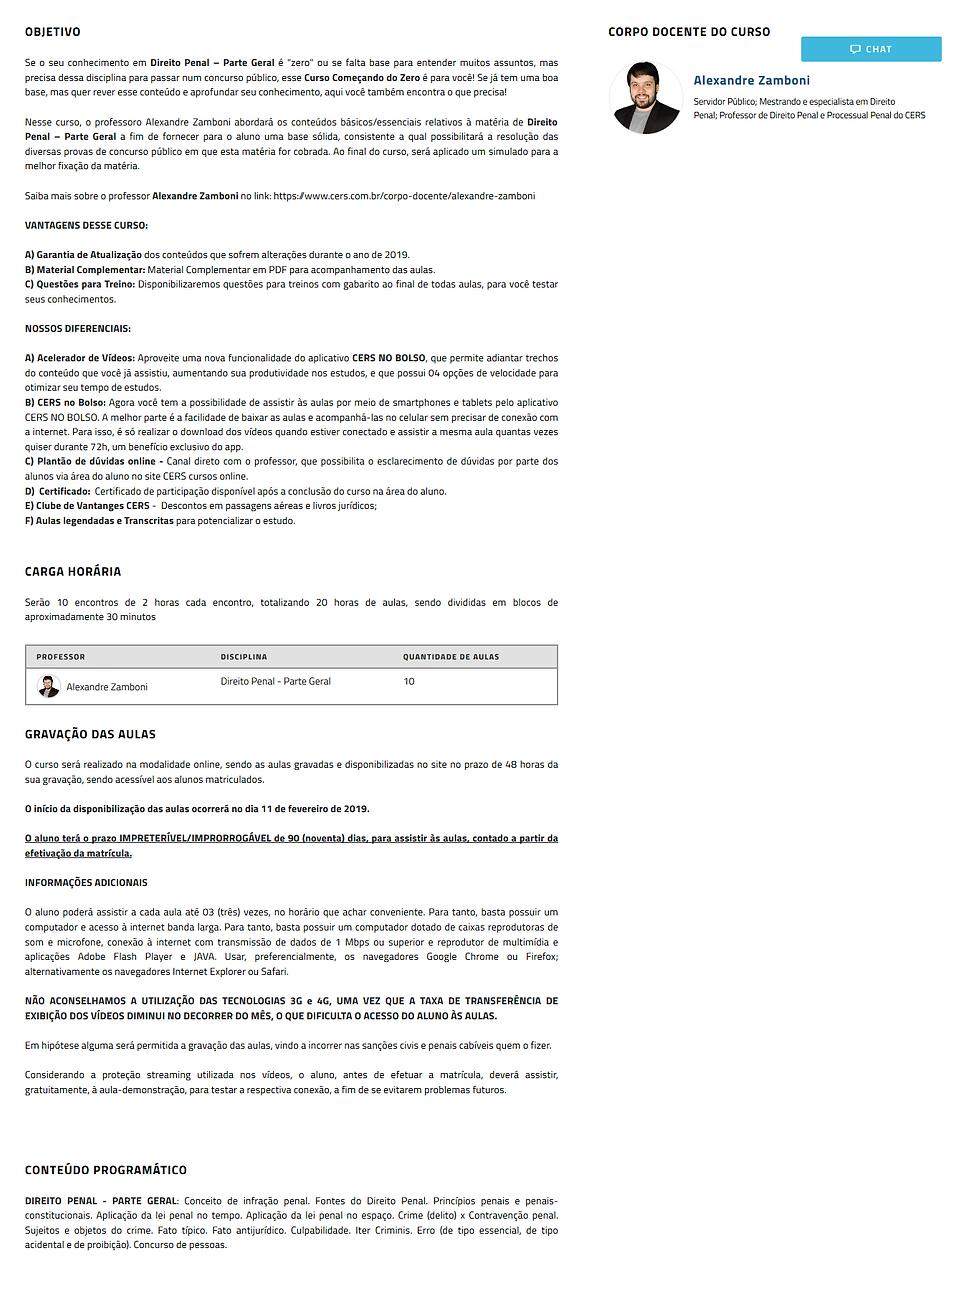 Direito Penal - Parte Geral CS(14).png